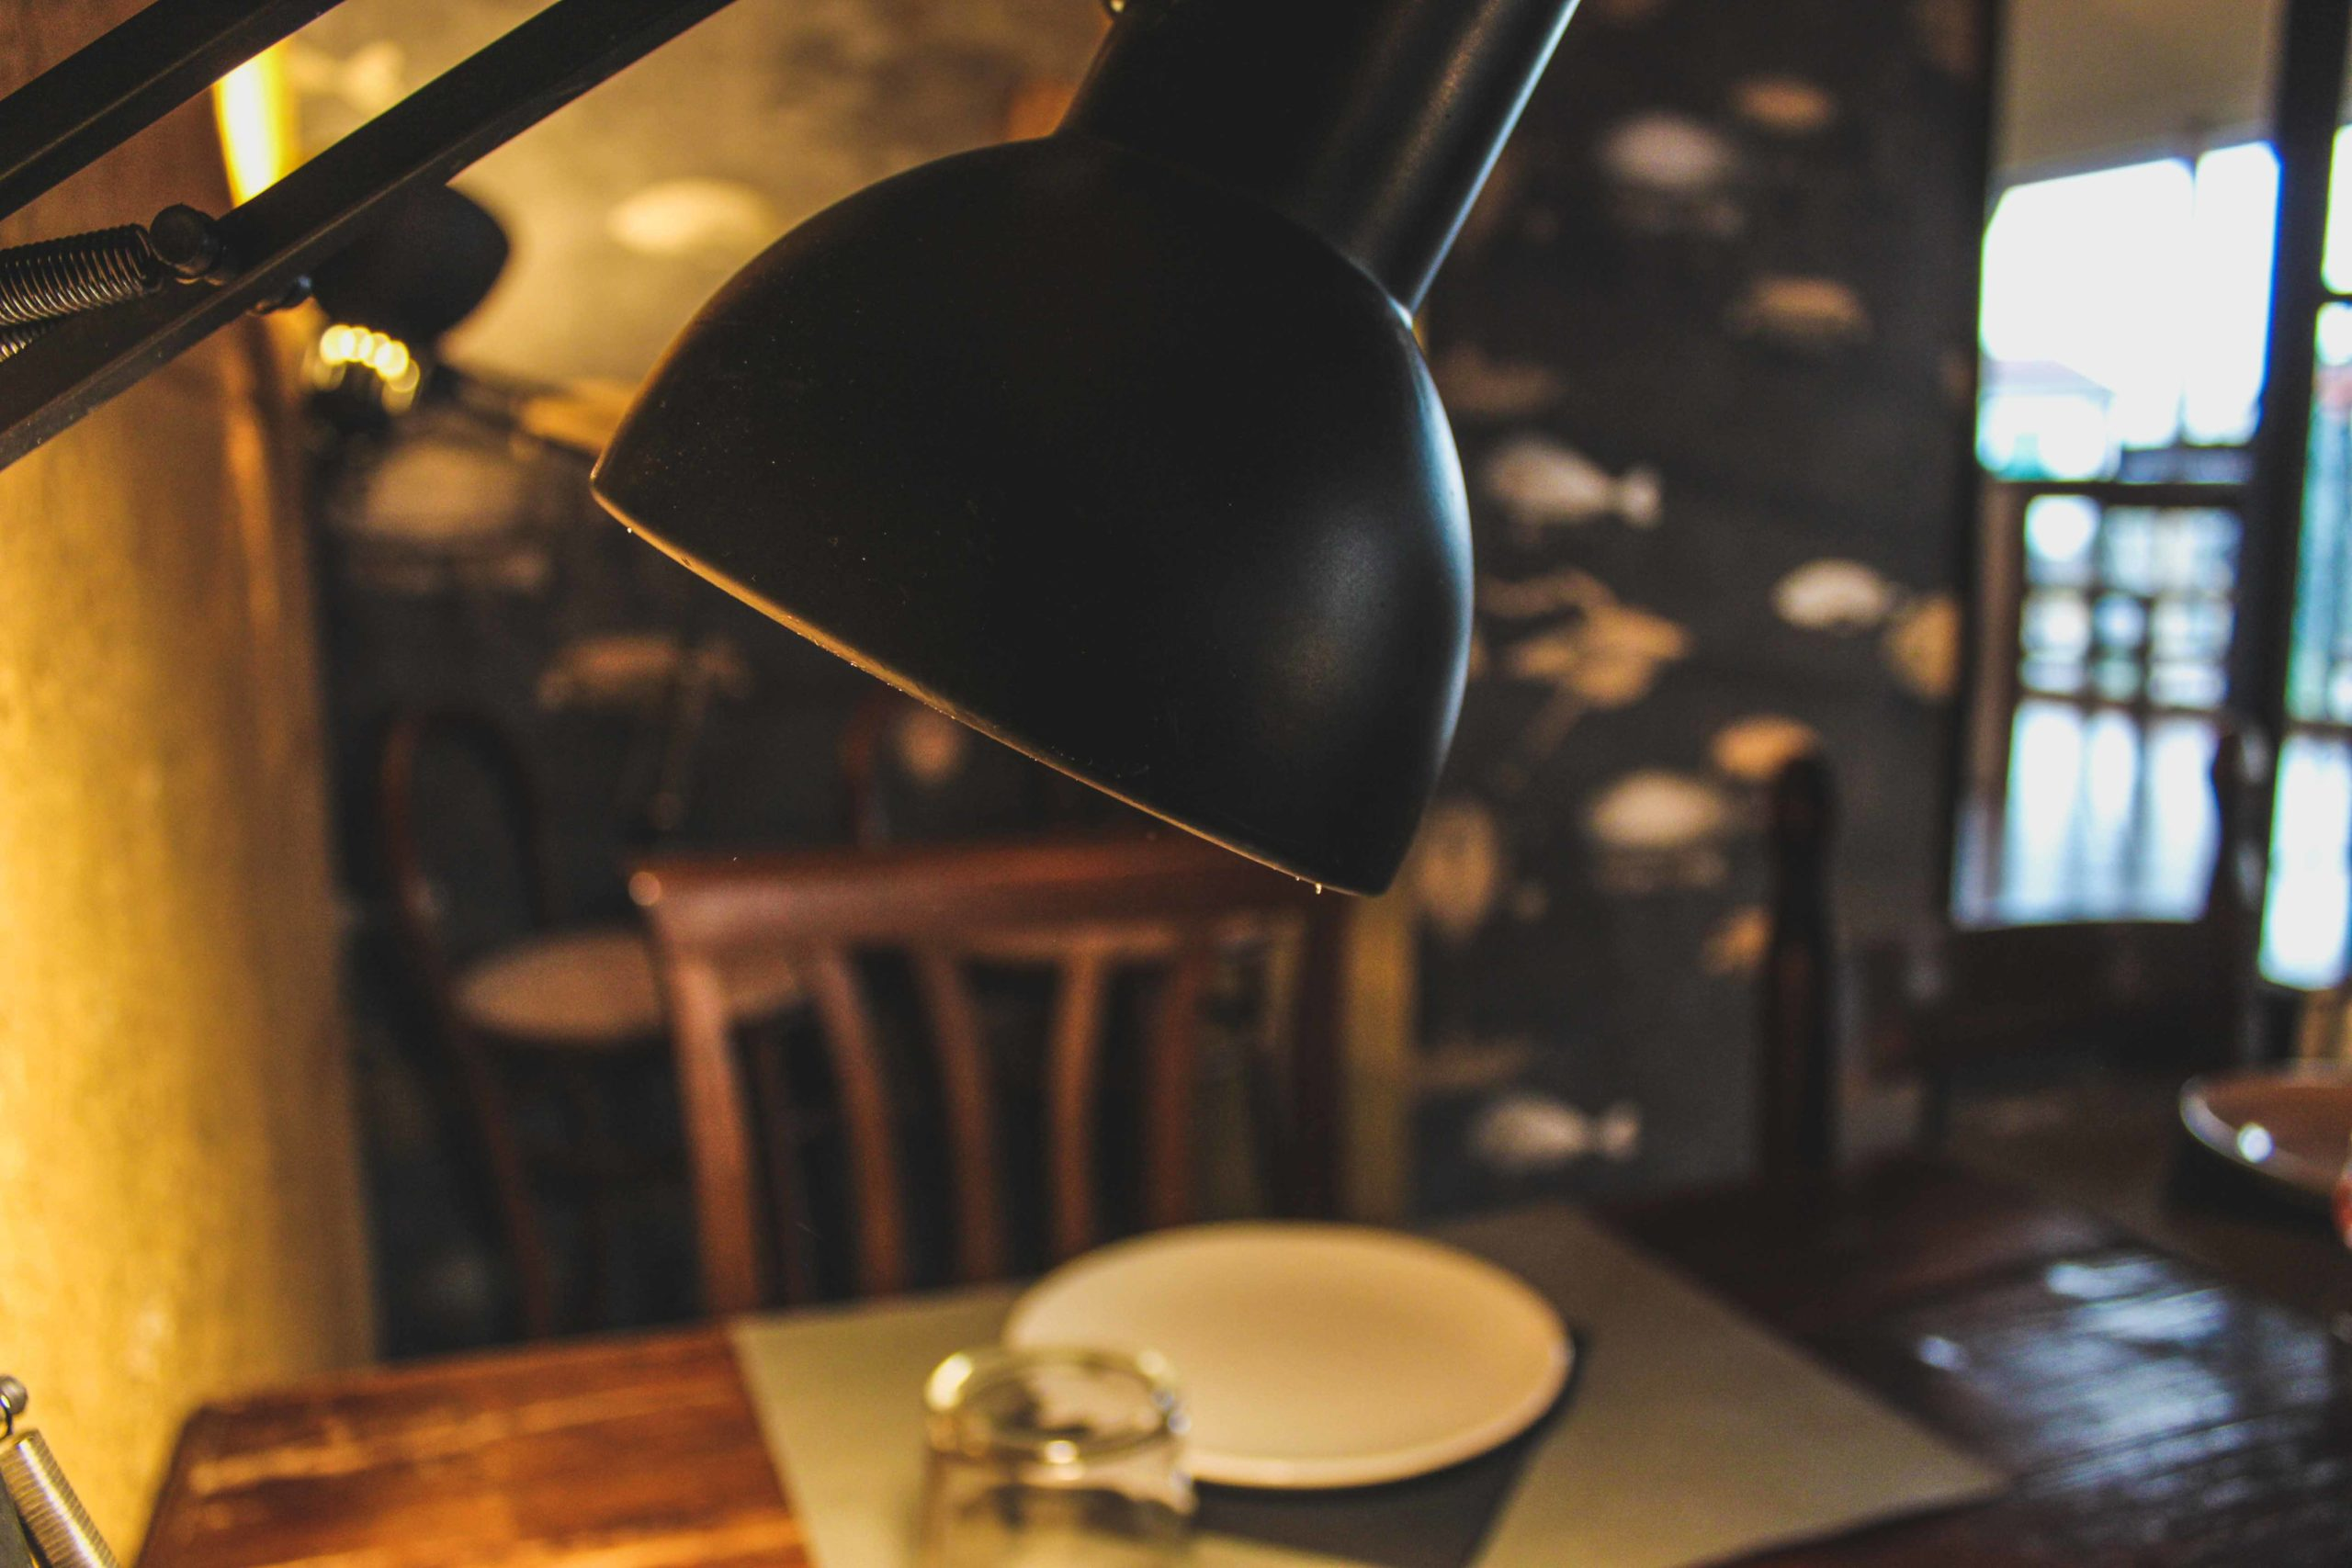 lampada per luce soffusa in sala da pranzo